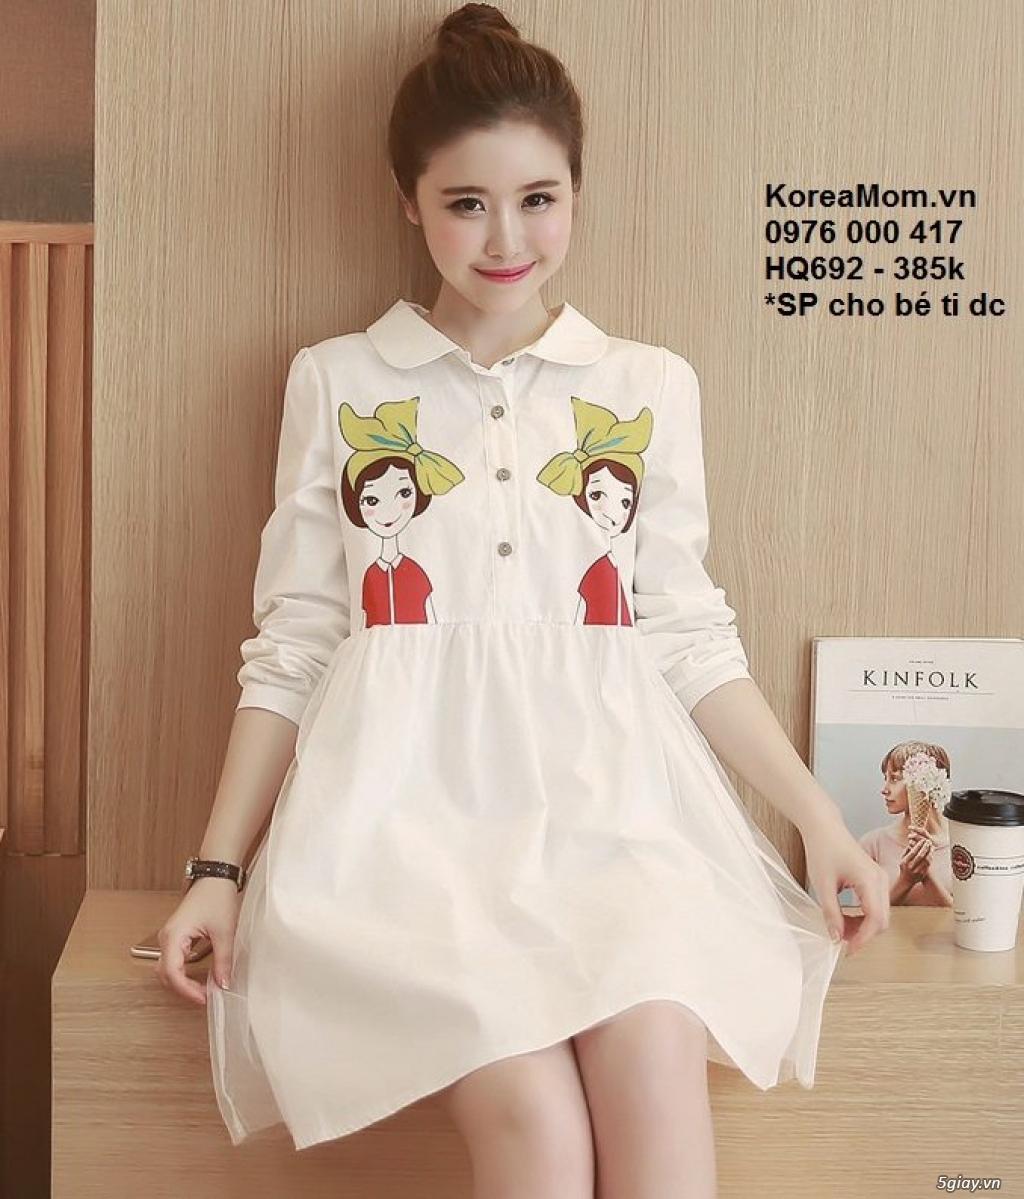 KoreaMom.vn - Đầm bầu thời trang ngoại nhập xinh lung linh - 7